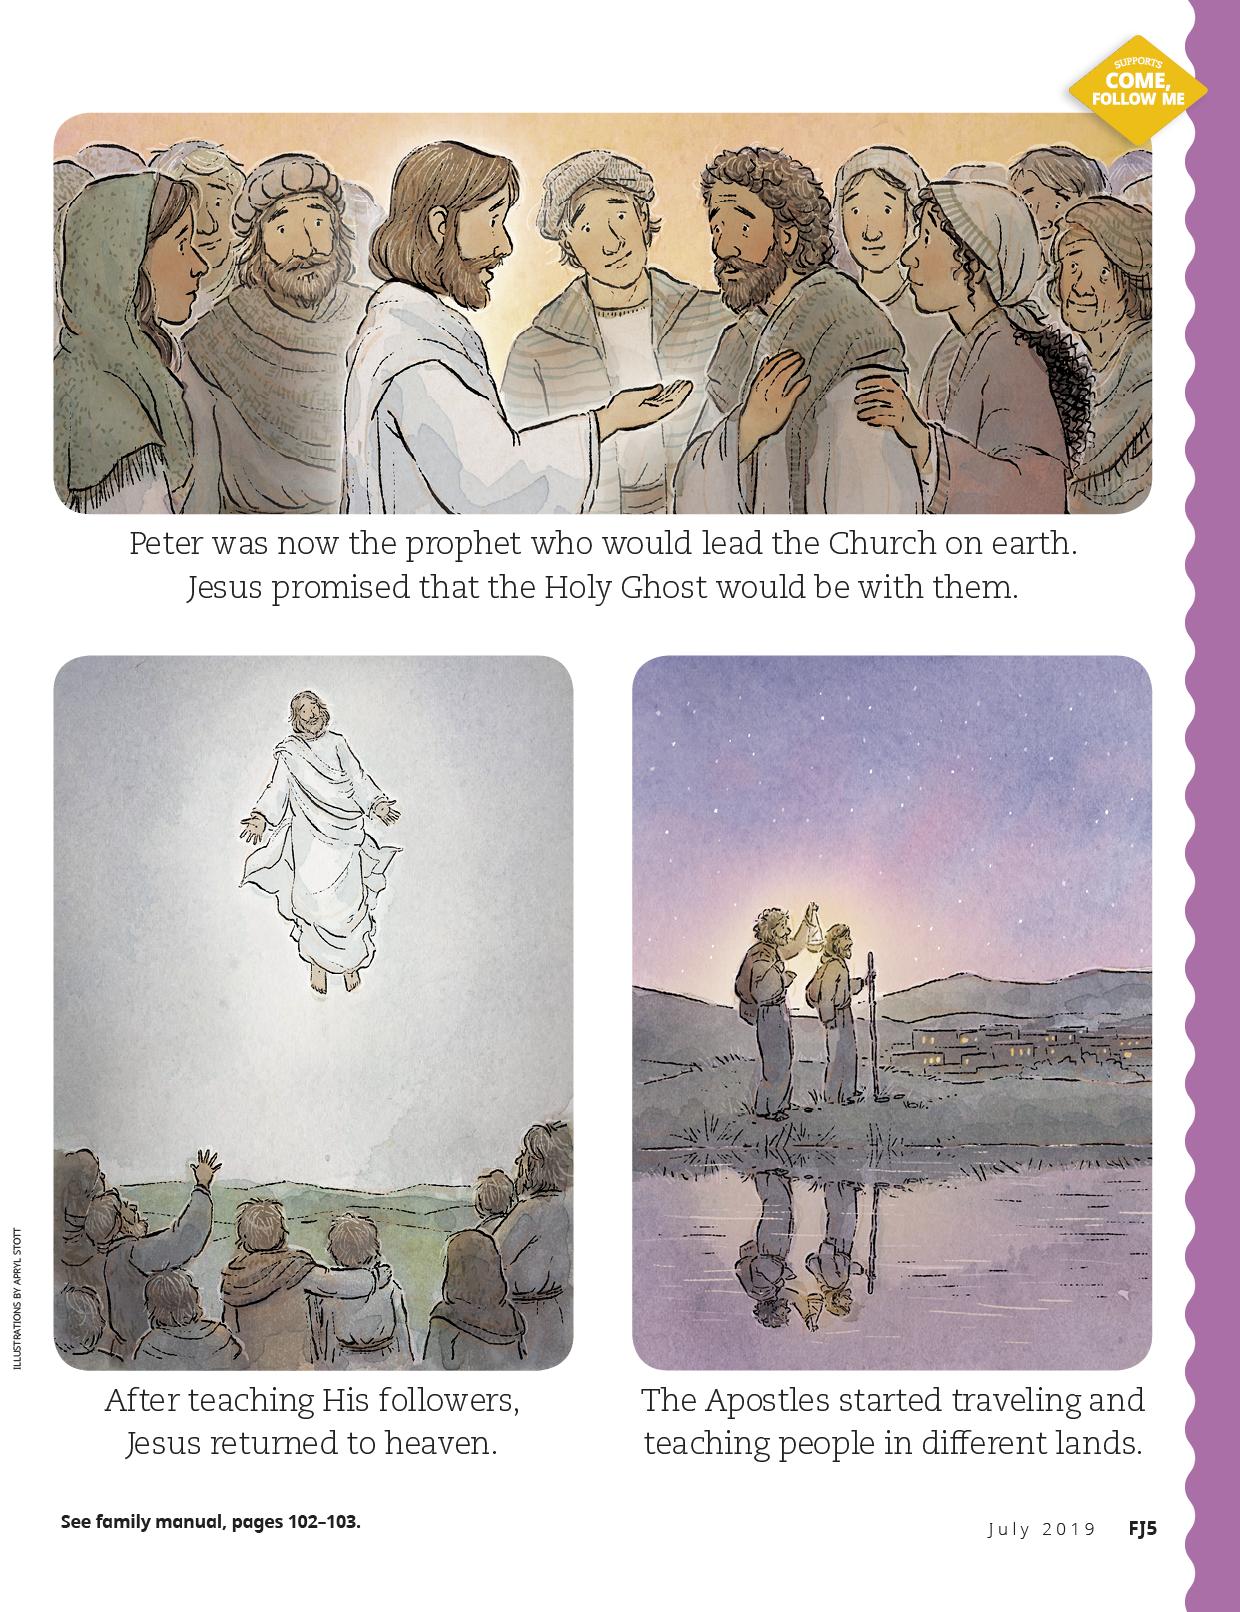 Jesus teaching His followers